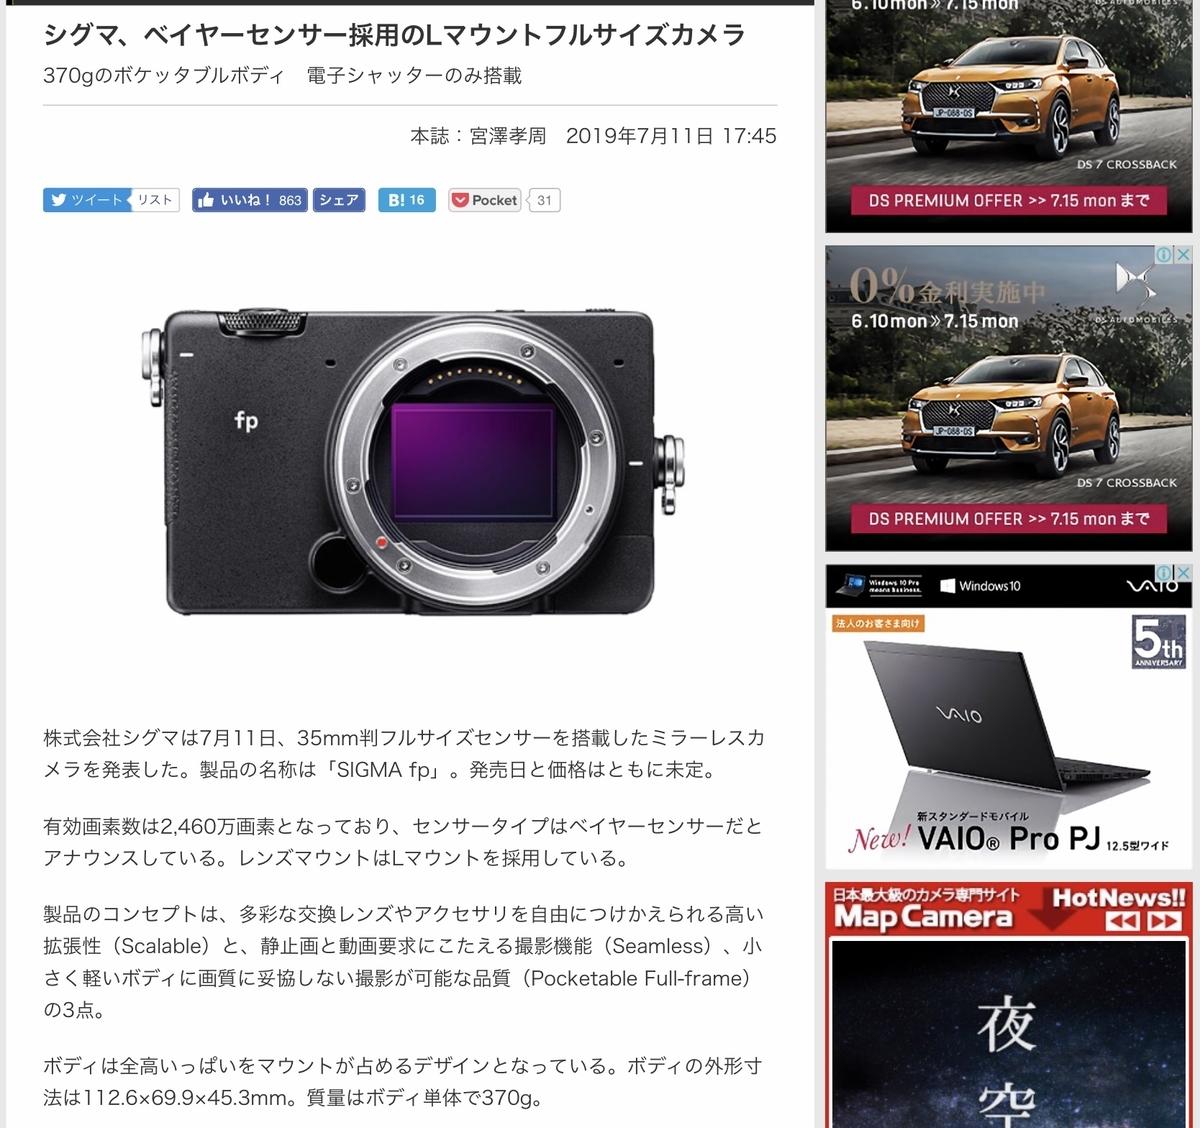 f:id:yujiro-1:20190722043215j:plain